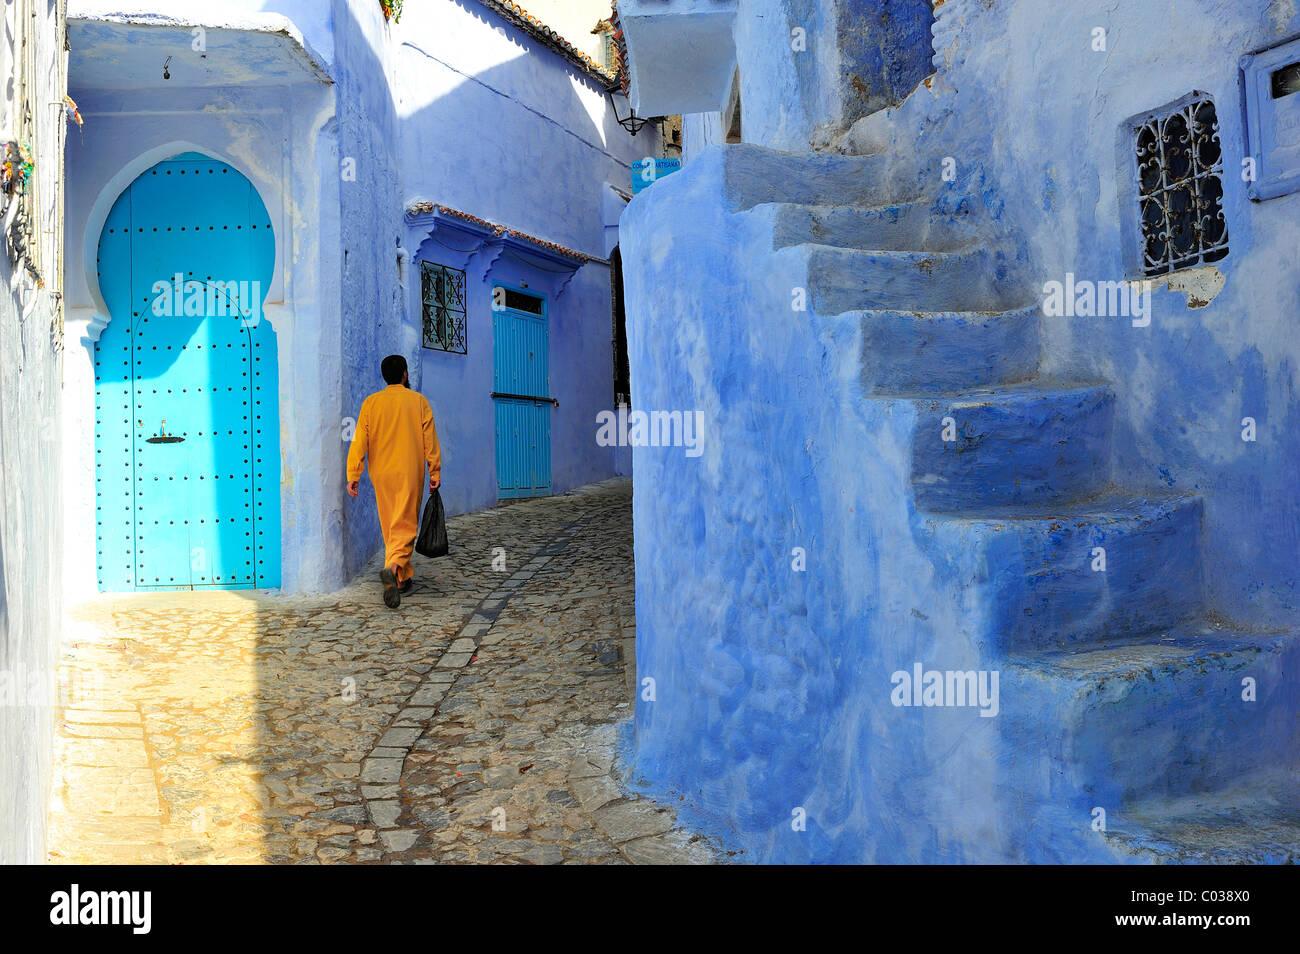 Rues étroites et escalier dans la médina de Chefchaouen, Maroc, montagnes Riff, Afrique Banque D'Images